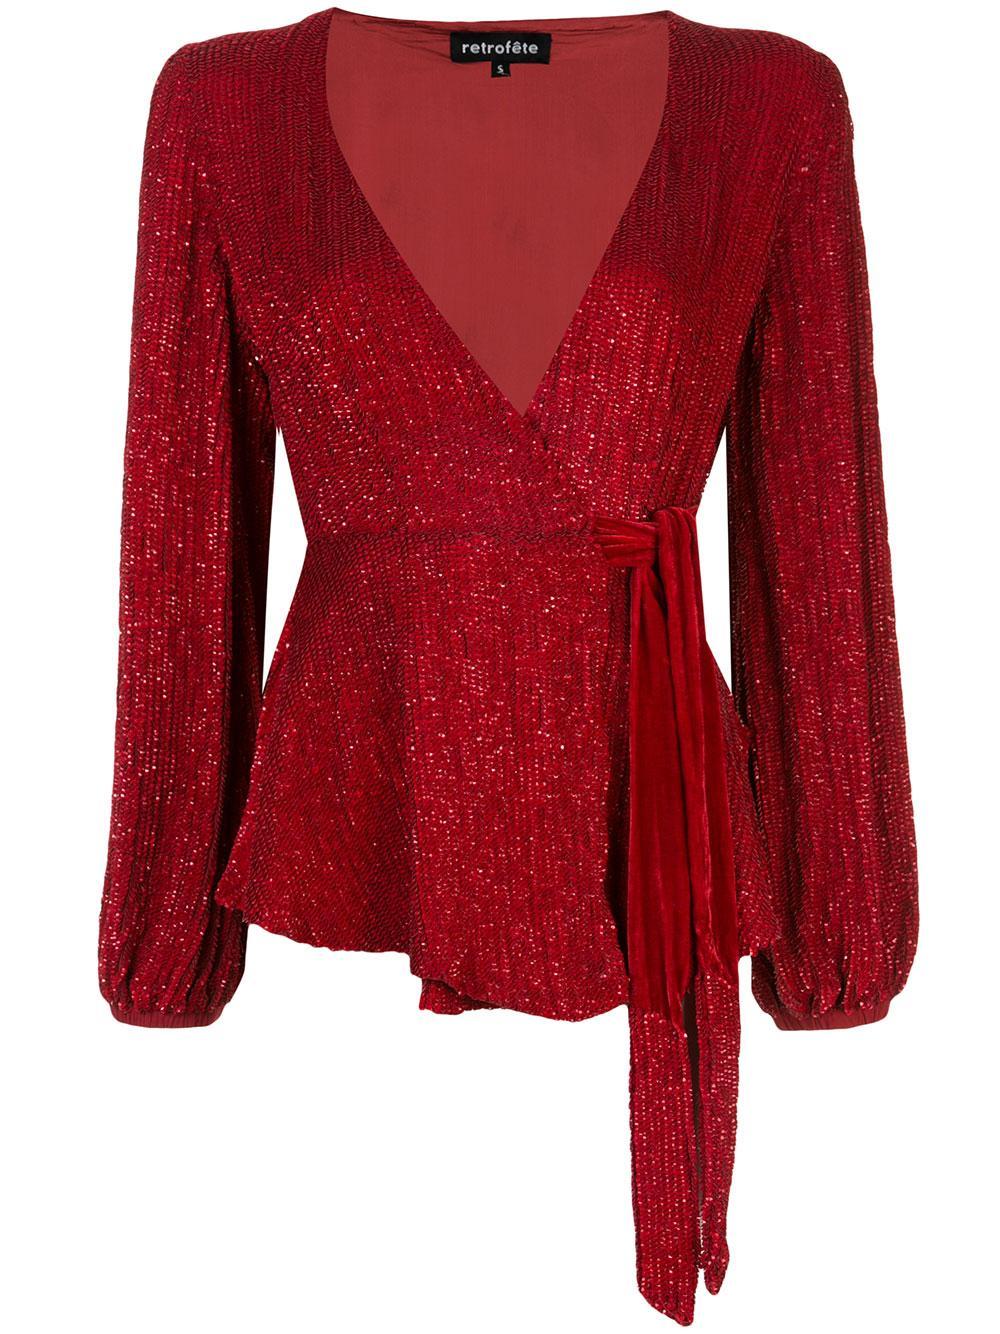 Bette Long Sleeve Sequin Top